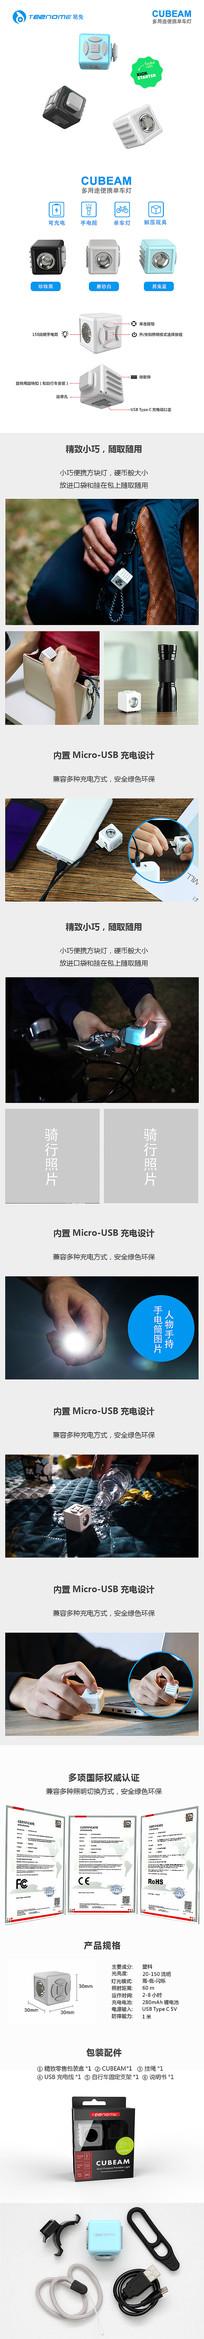 自行车灯电商平台宝贝描述模版